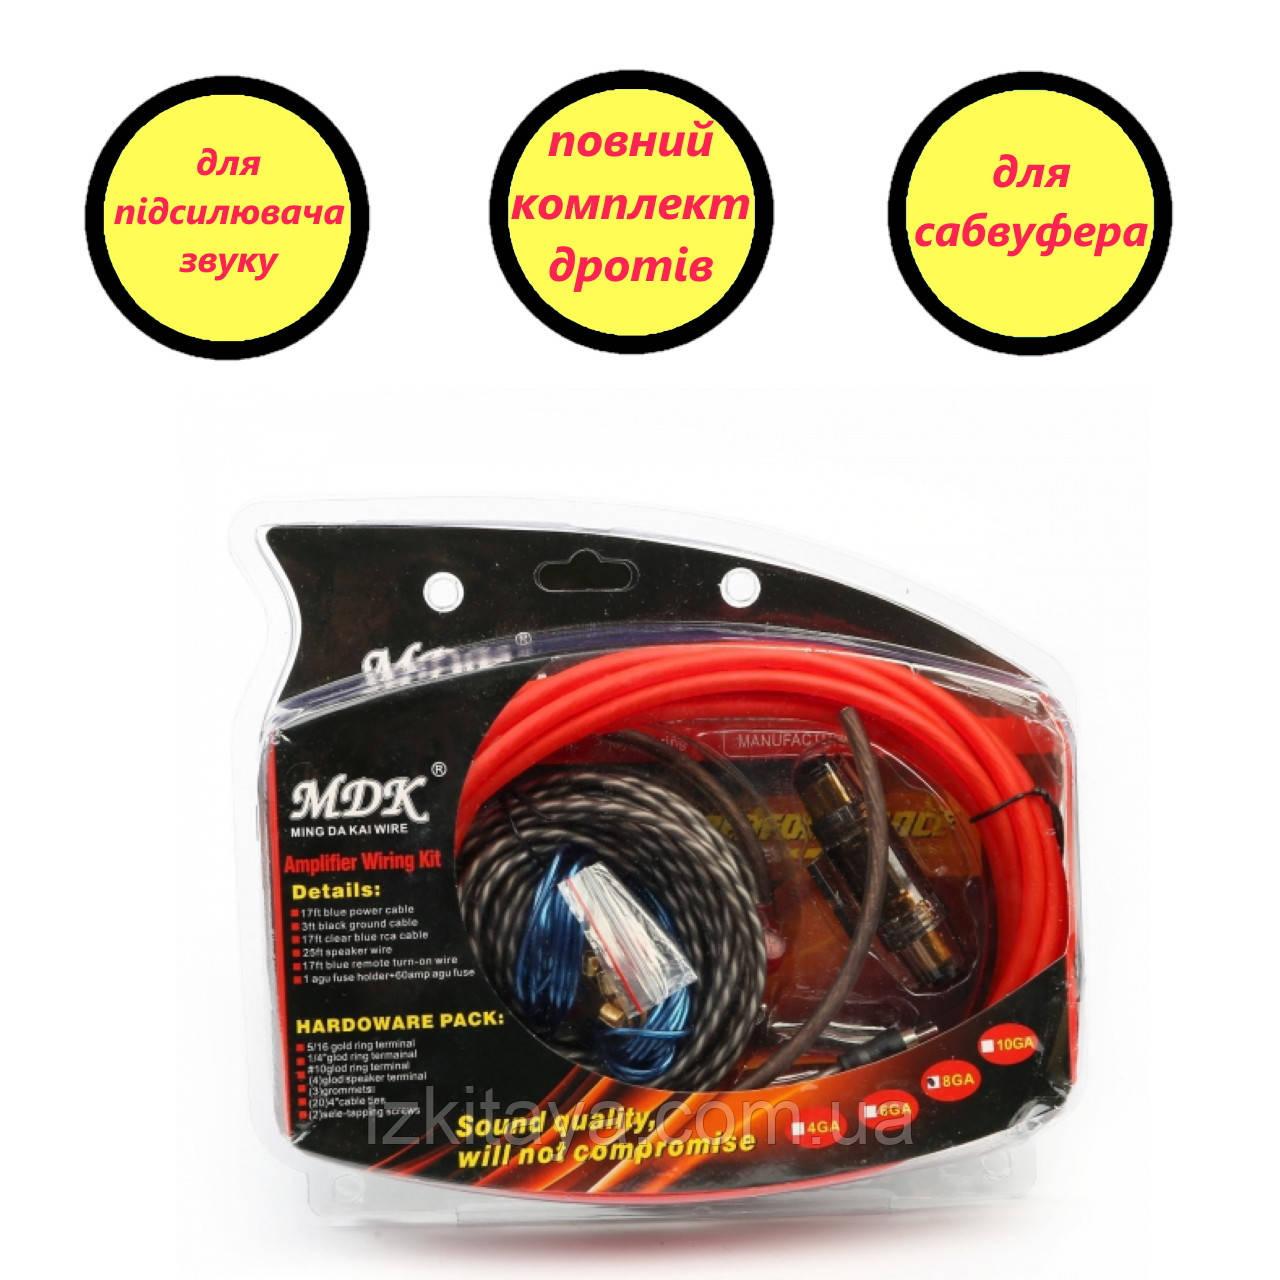 Набір проводів для підсилювача / сабвуфера MDK 8GA (повний комплект проводів для установки підсилювача)